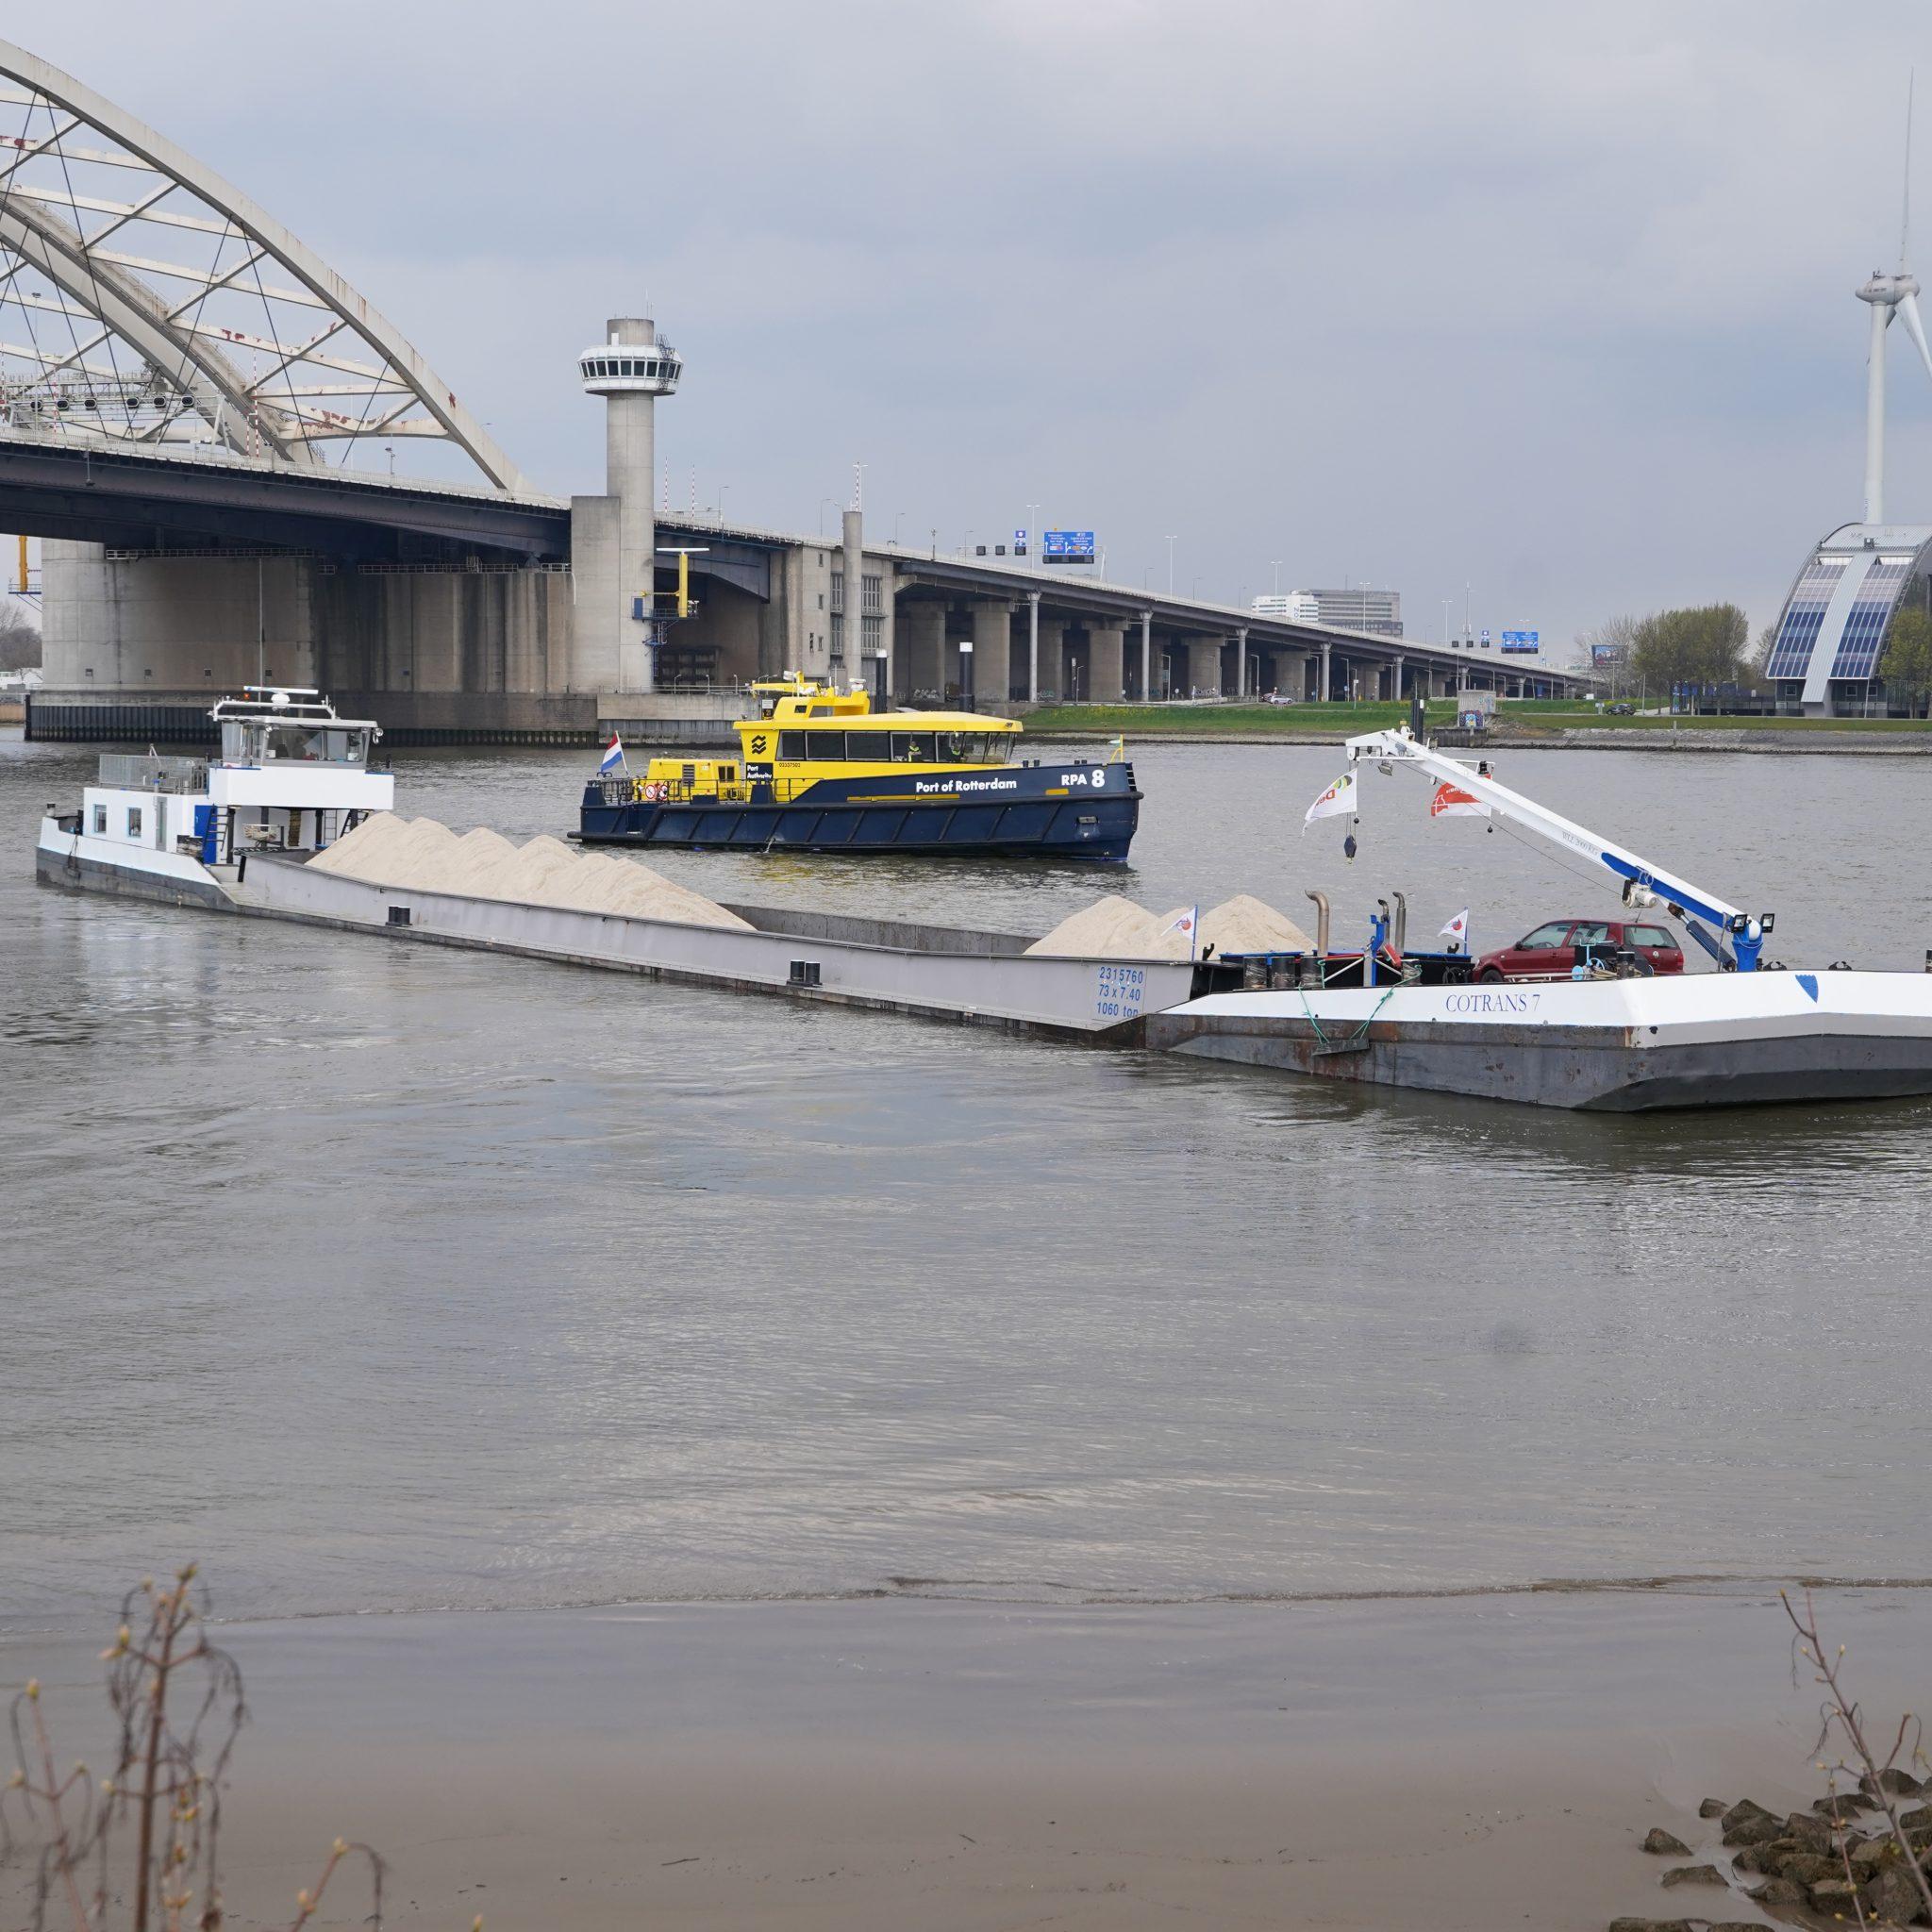 De Cotrans 7 met op de achtergrond de Brienenoordbrug (Foto Media-TV)